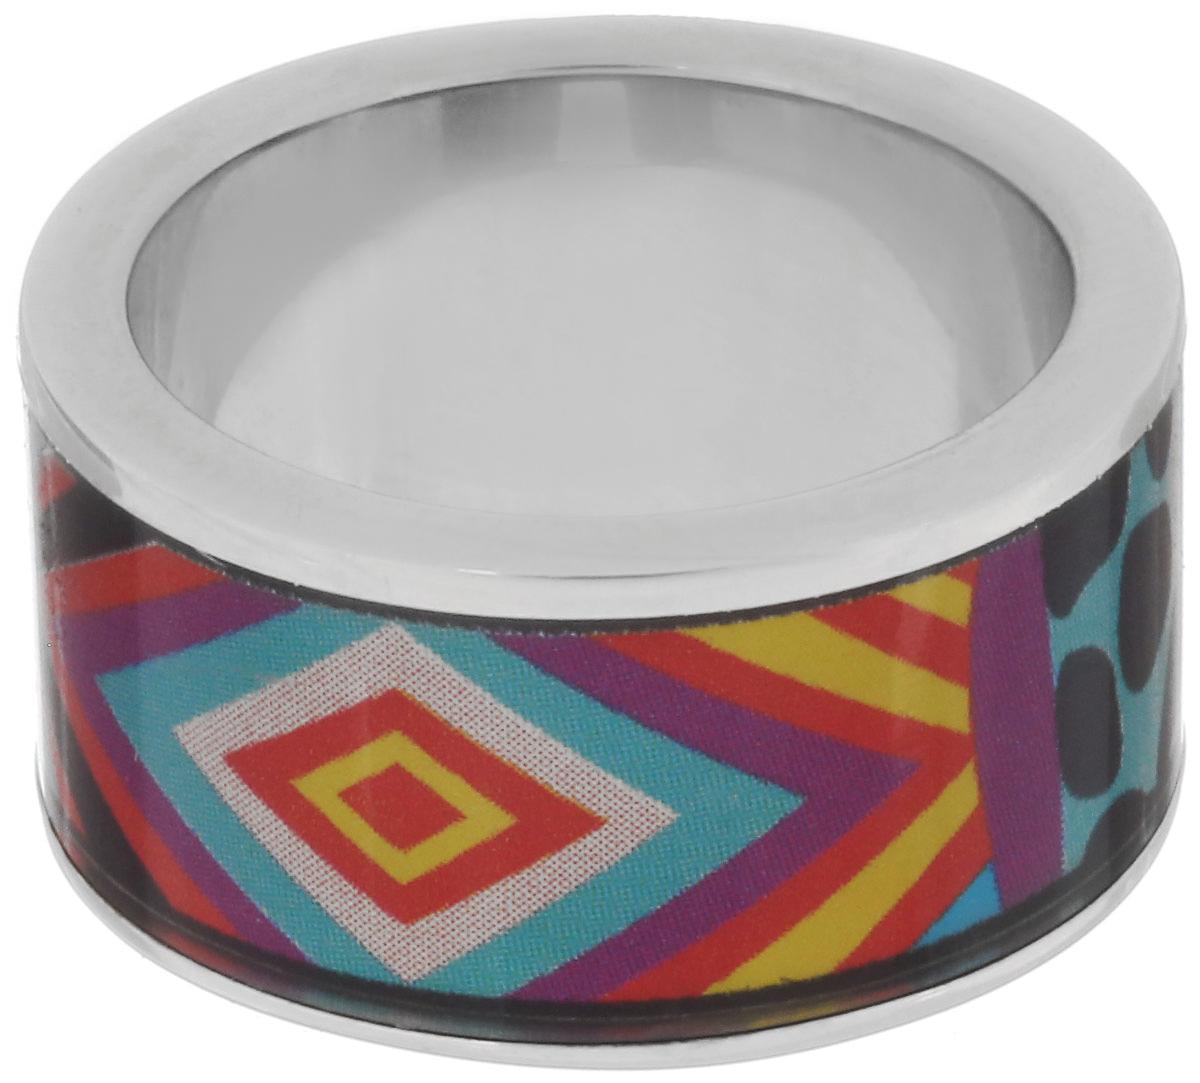 Кольцо Art-Silver, цвет: серебристый, мультиколор. ФК100-1-320. Размер 16,5ФК100-1-320Великолепное кольцо Art-Silver изготовлено из бижутерного сплава. Изделие с покрытием из эмали оформлено разнообразным неповторимым орнаментом. Стильное кольцо придаст вашему образу изюминку и подчеркнет индивидуальность.